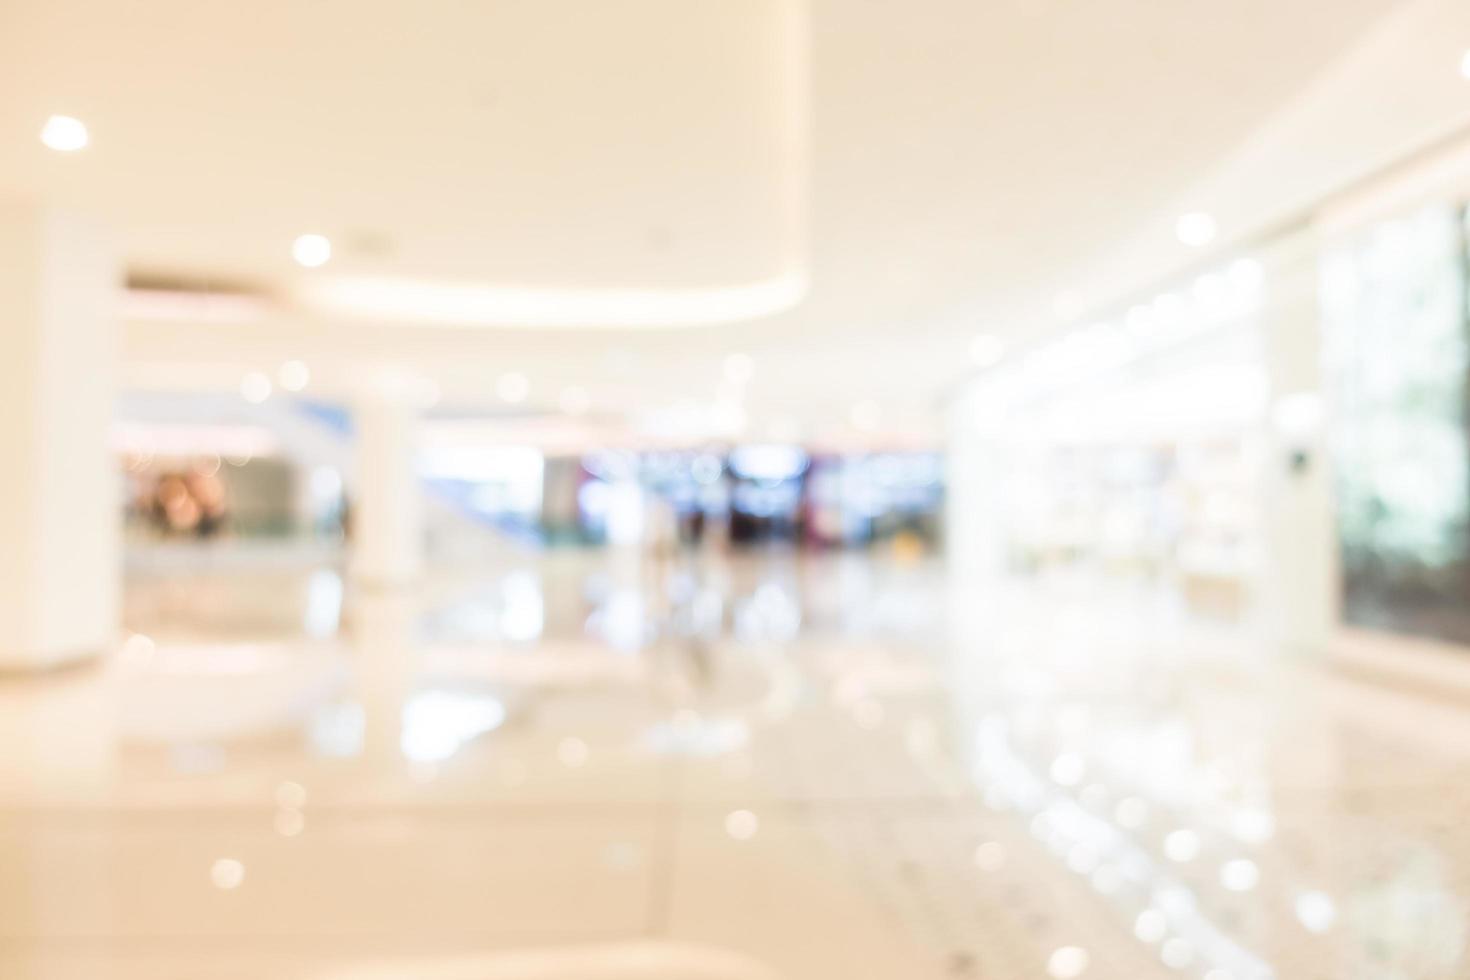 abstract intreepupil winkelcentrum interieur voor achtergrond foto